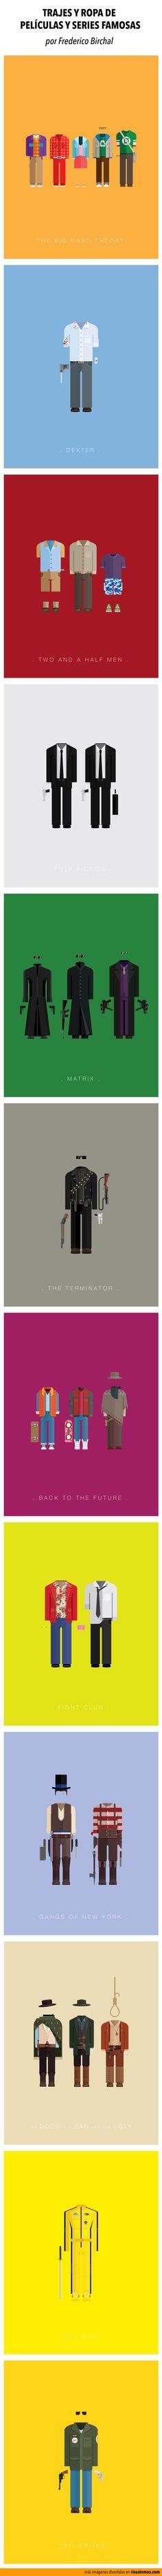 Trajes y ropa de películas y series famosas. Ilustraciones por Frederico Birchal.